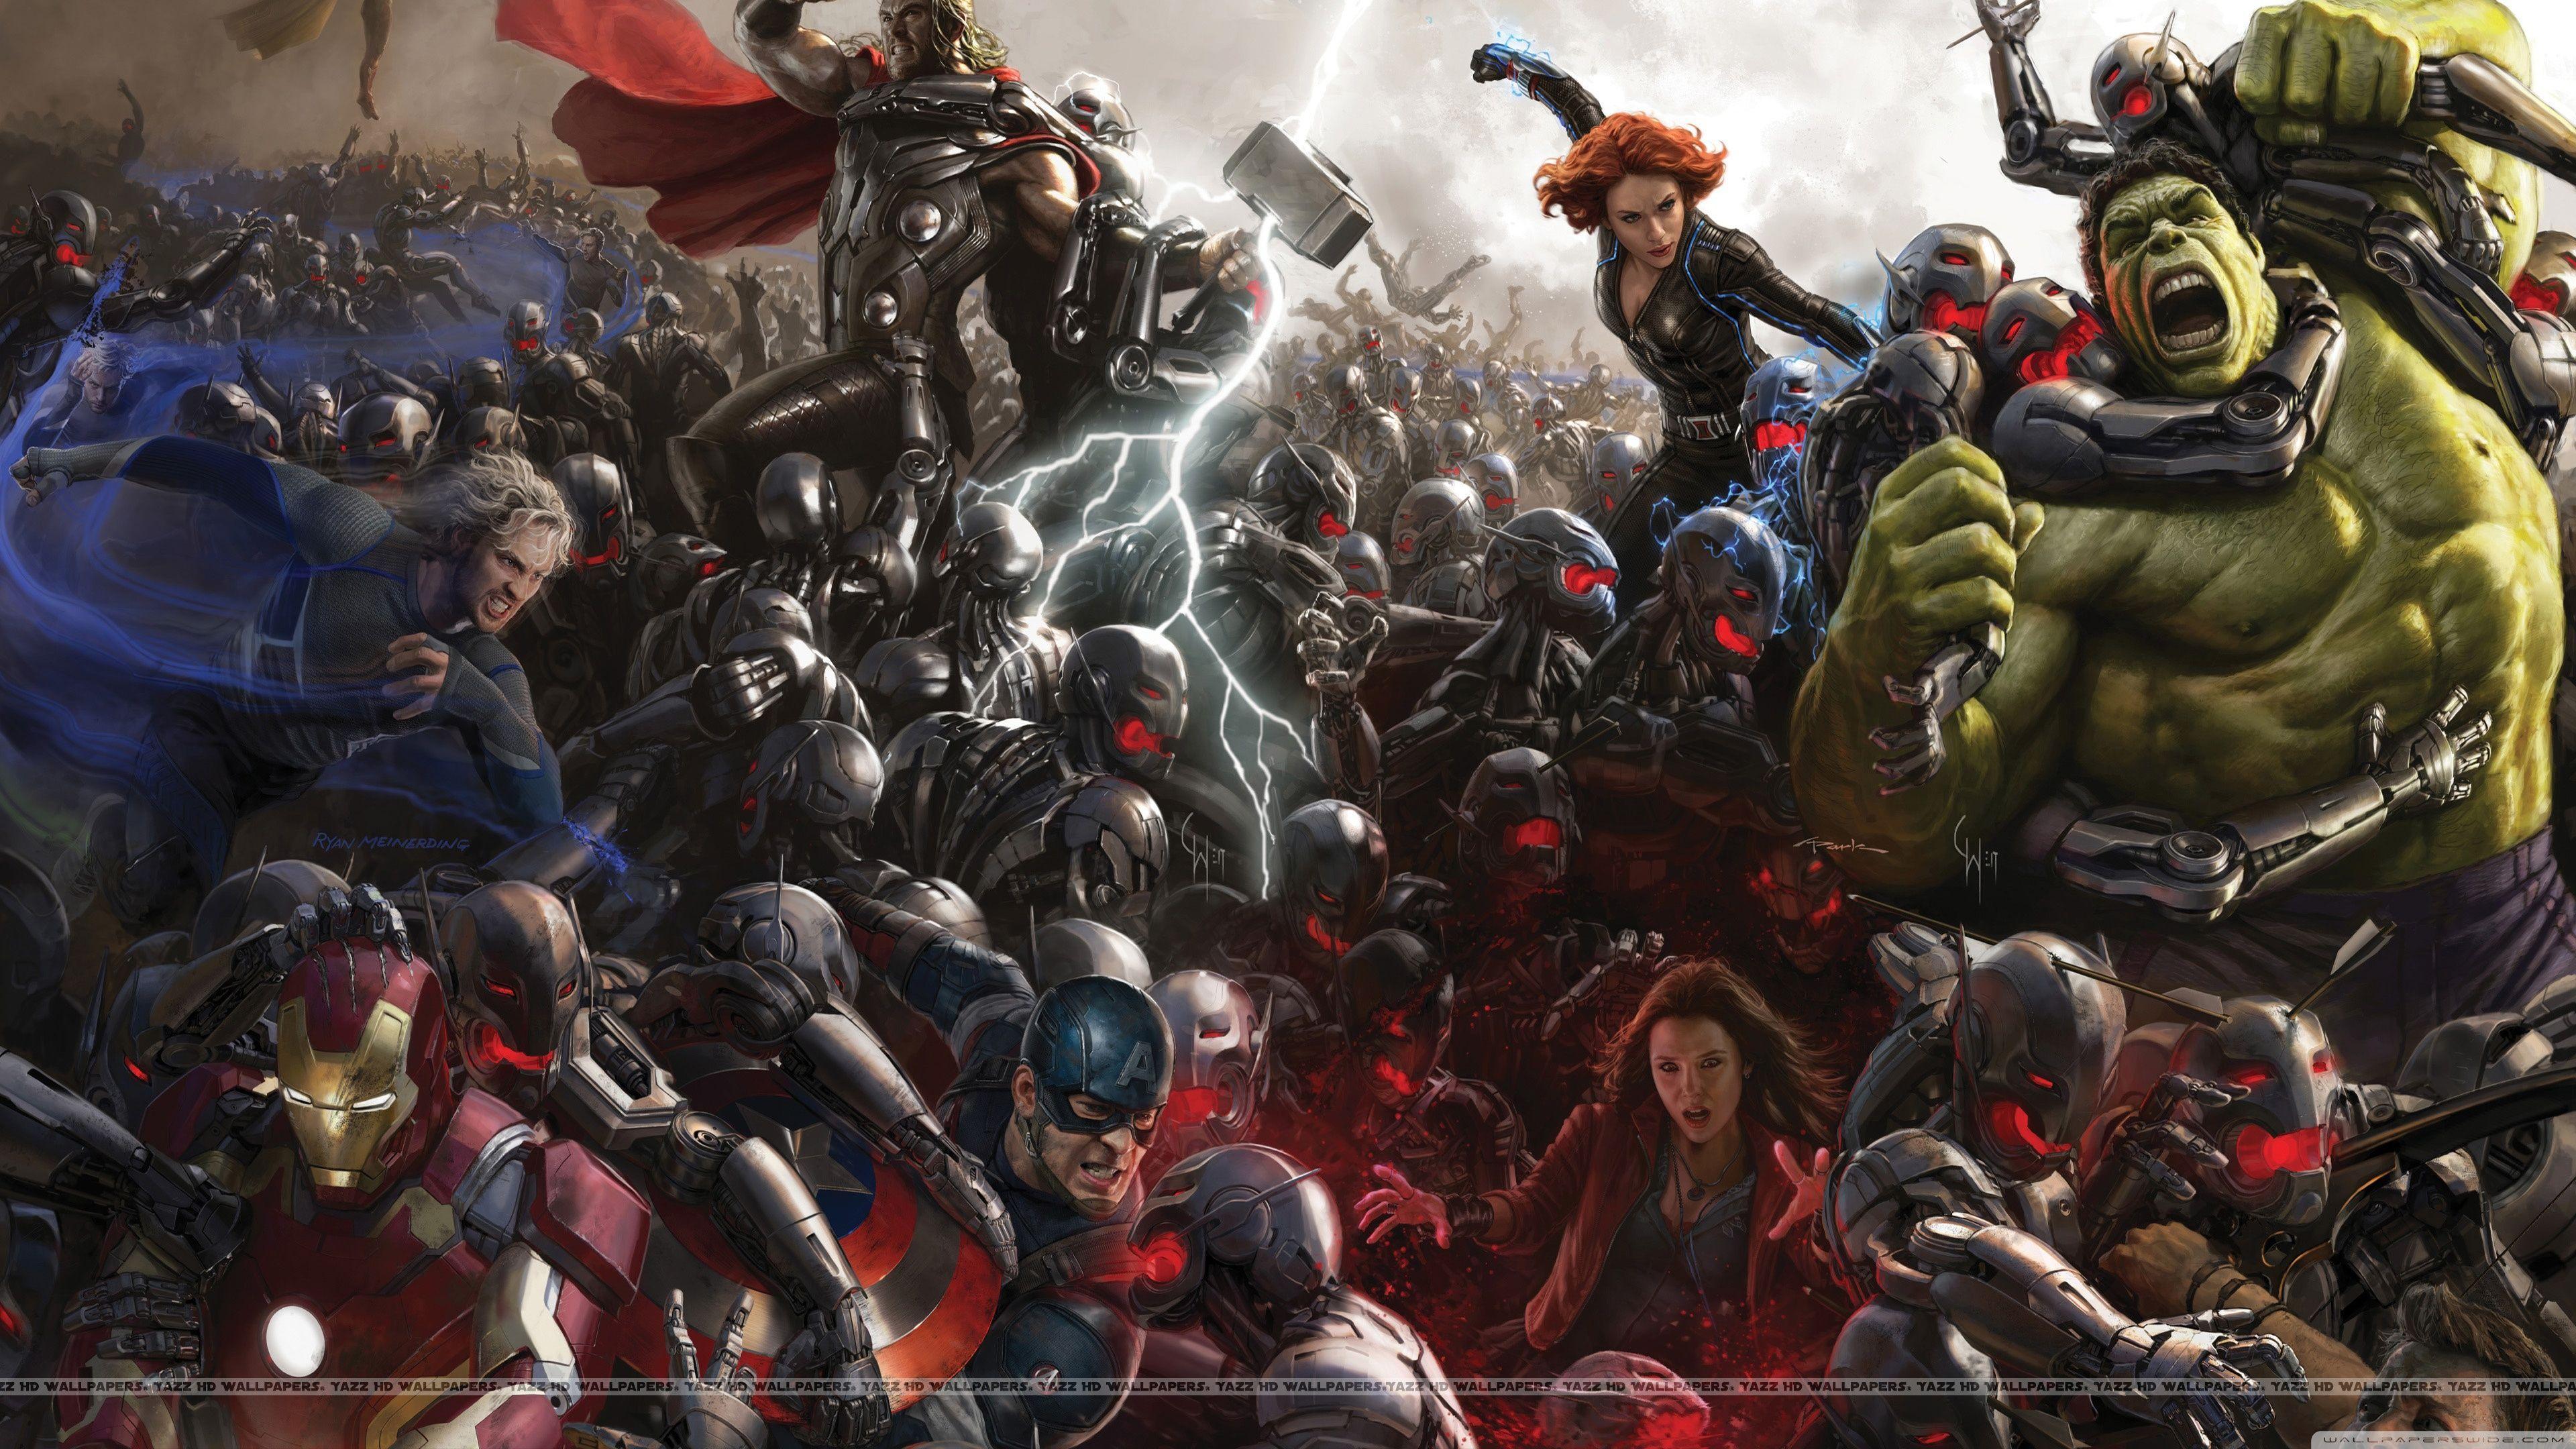 Best 49 The Avengers Wallpaper On Hipwallpaper